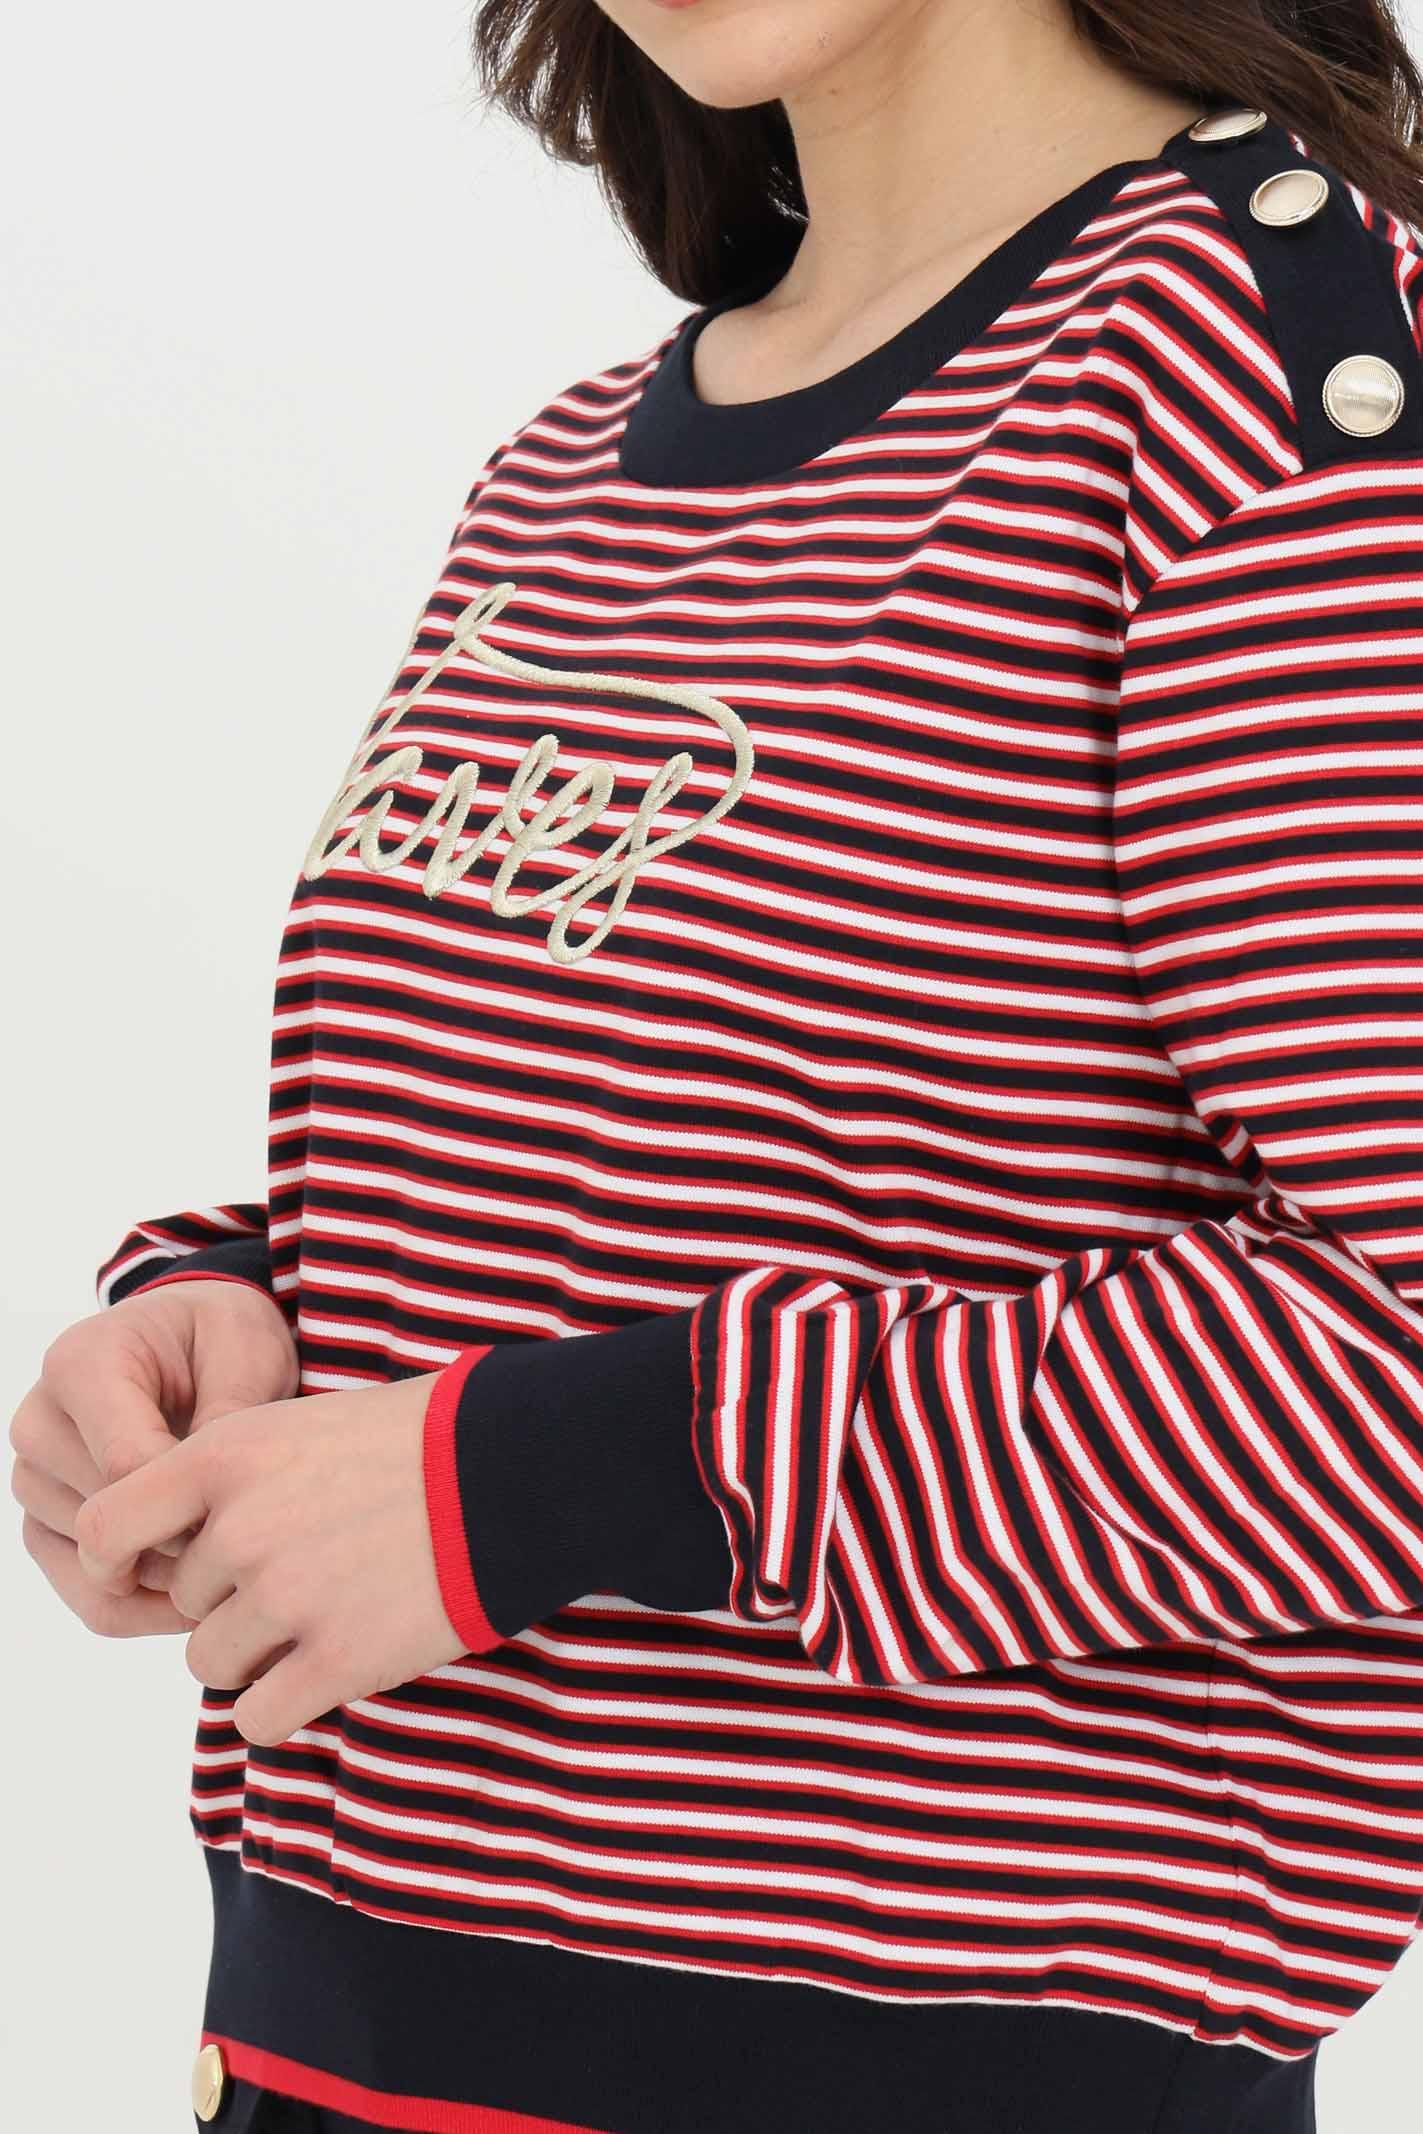 Felpa donna rosso-nero liu jo girocollo stampa a righe con stampa frontale oro ricamata in rilievo. Scollatura ampia. Tre bottoni dorati applicati sulla spallina sinistra LIU JO | Felpe | WA1529J6183T9701